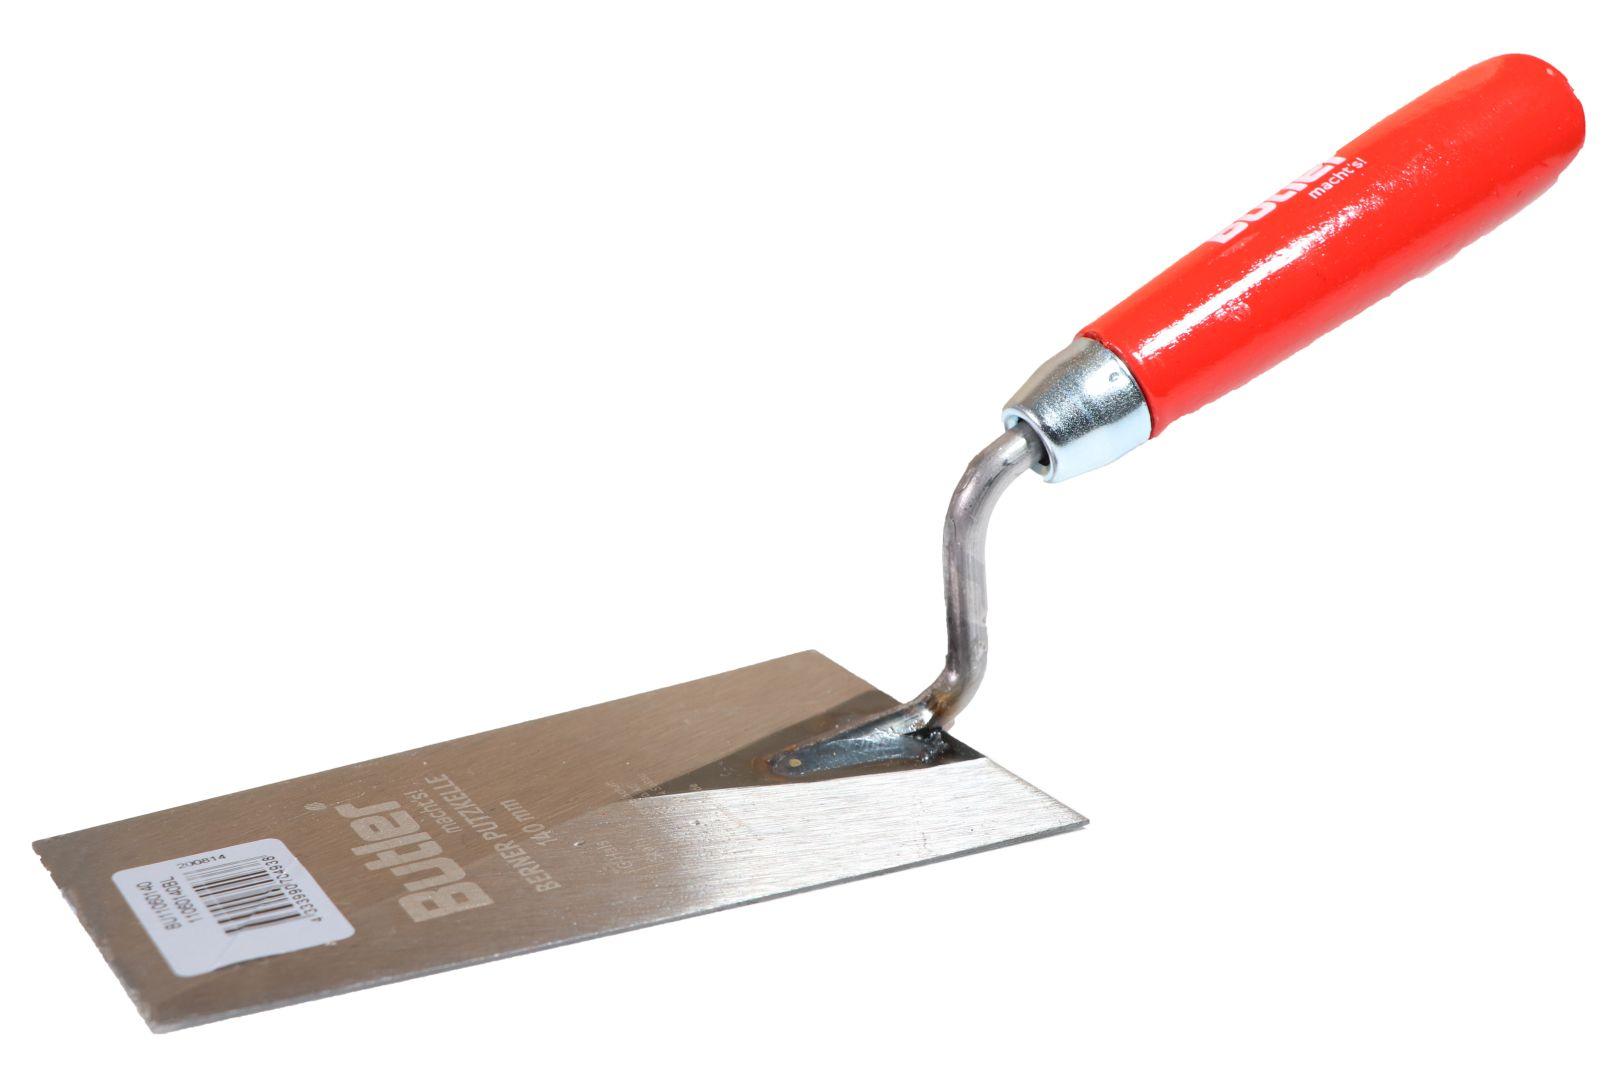 Butler macht's! Berner Putzkelle, gehärtetes Stahl, Holzgriff, Blattlänge 160 mm